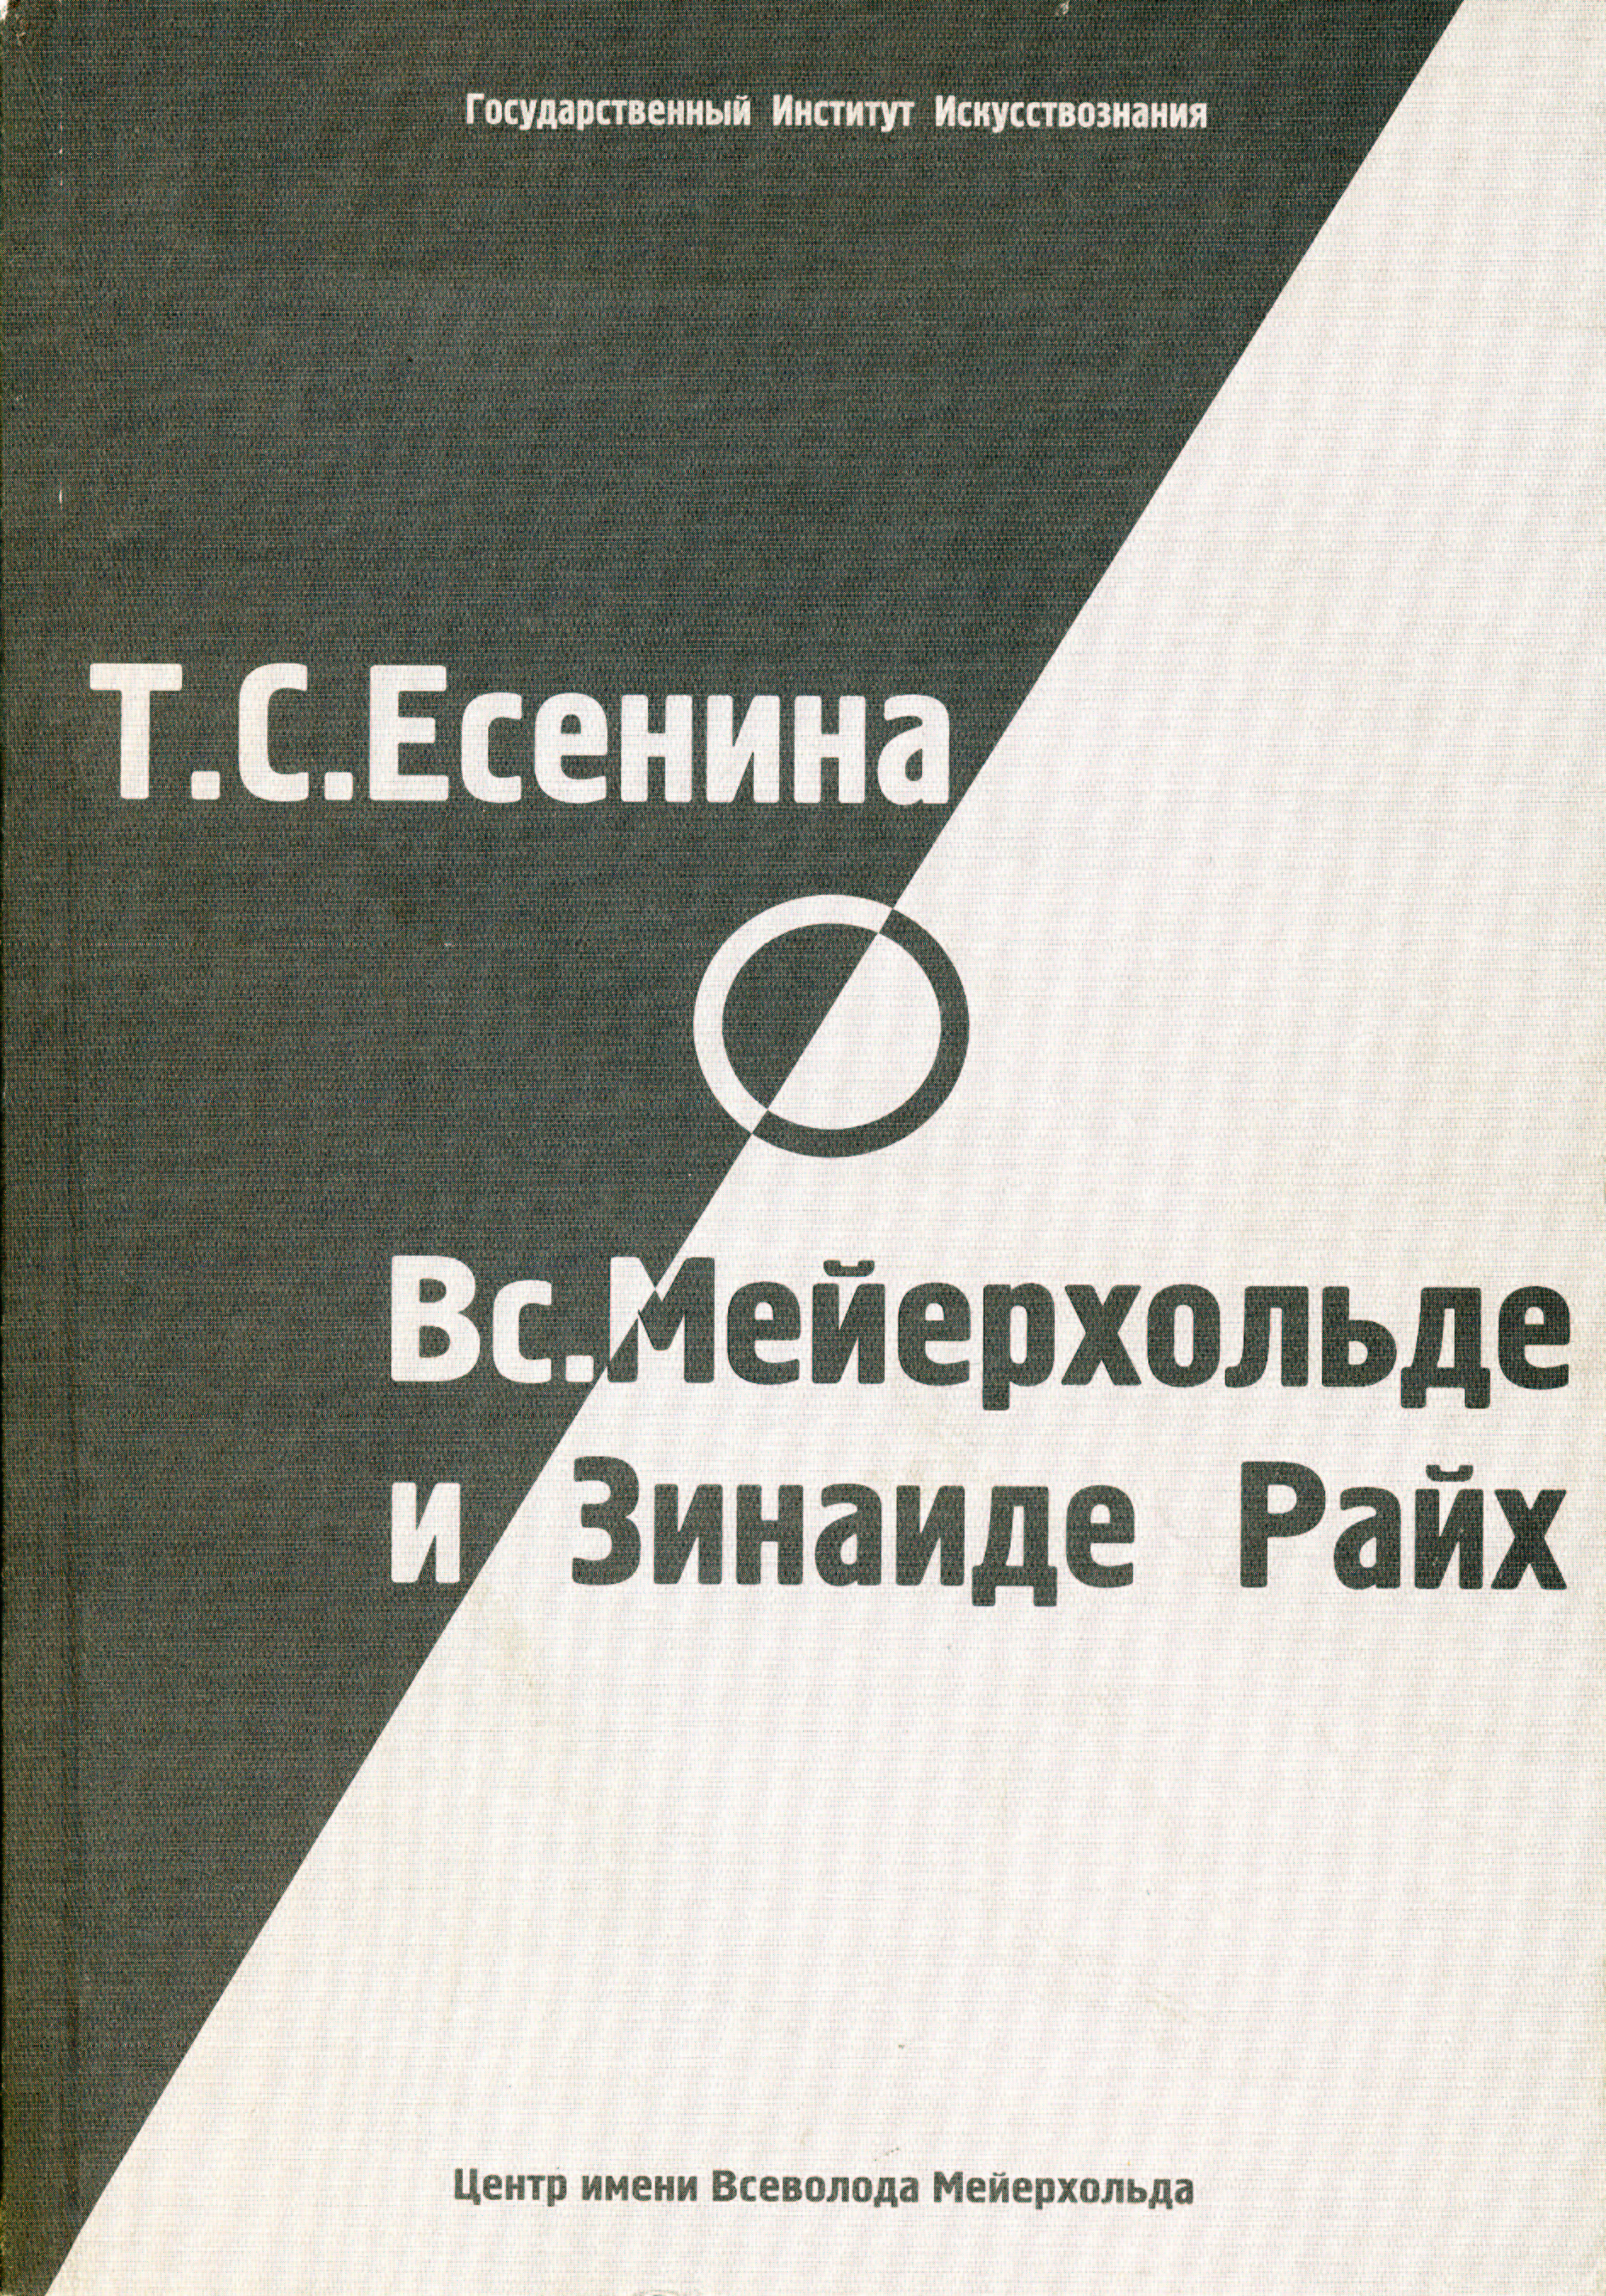 цена на Отсутствует Т. С. Есенина о В. Э. Мейерхольде и З. Н. Райх (сборник)